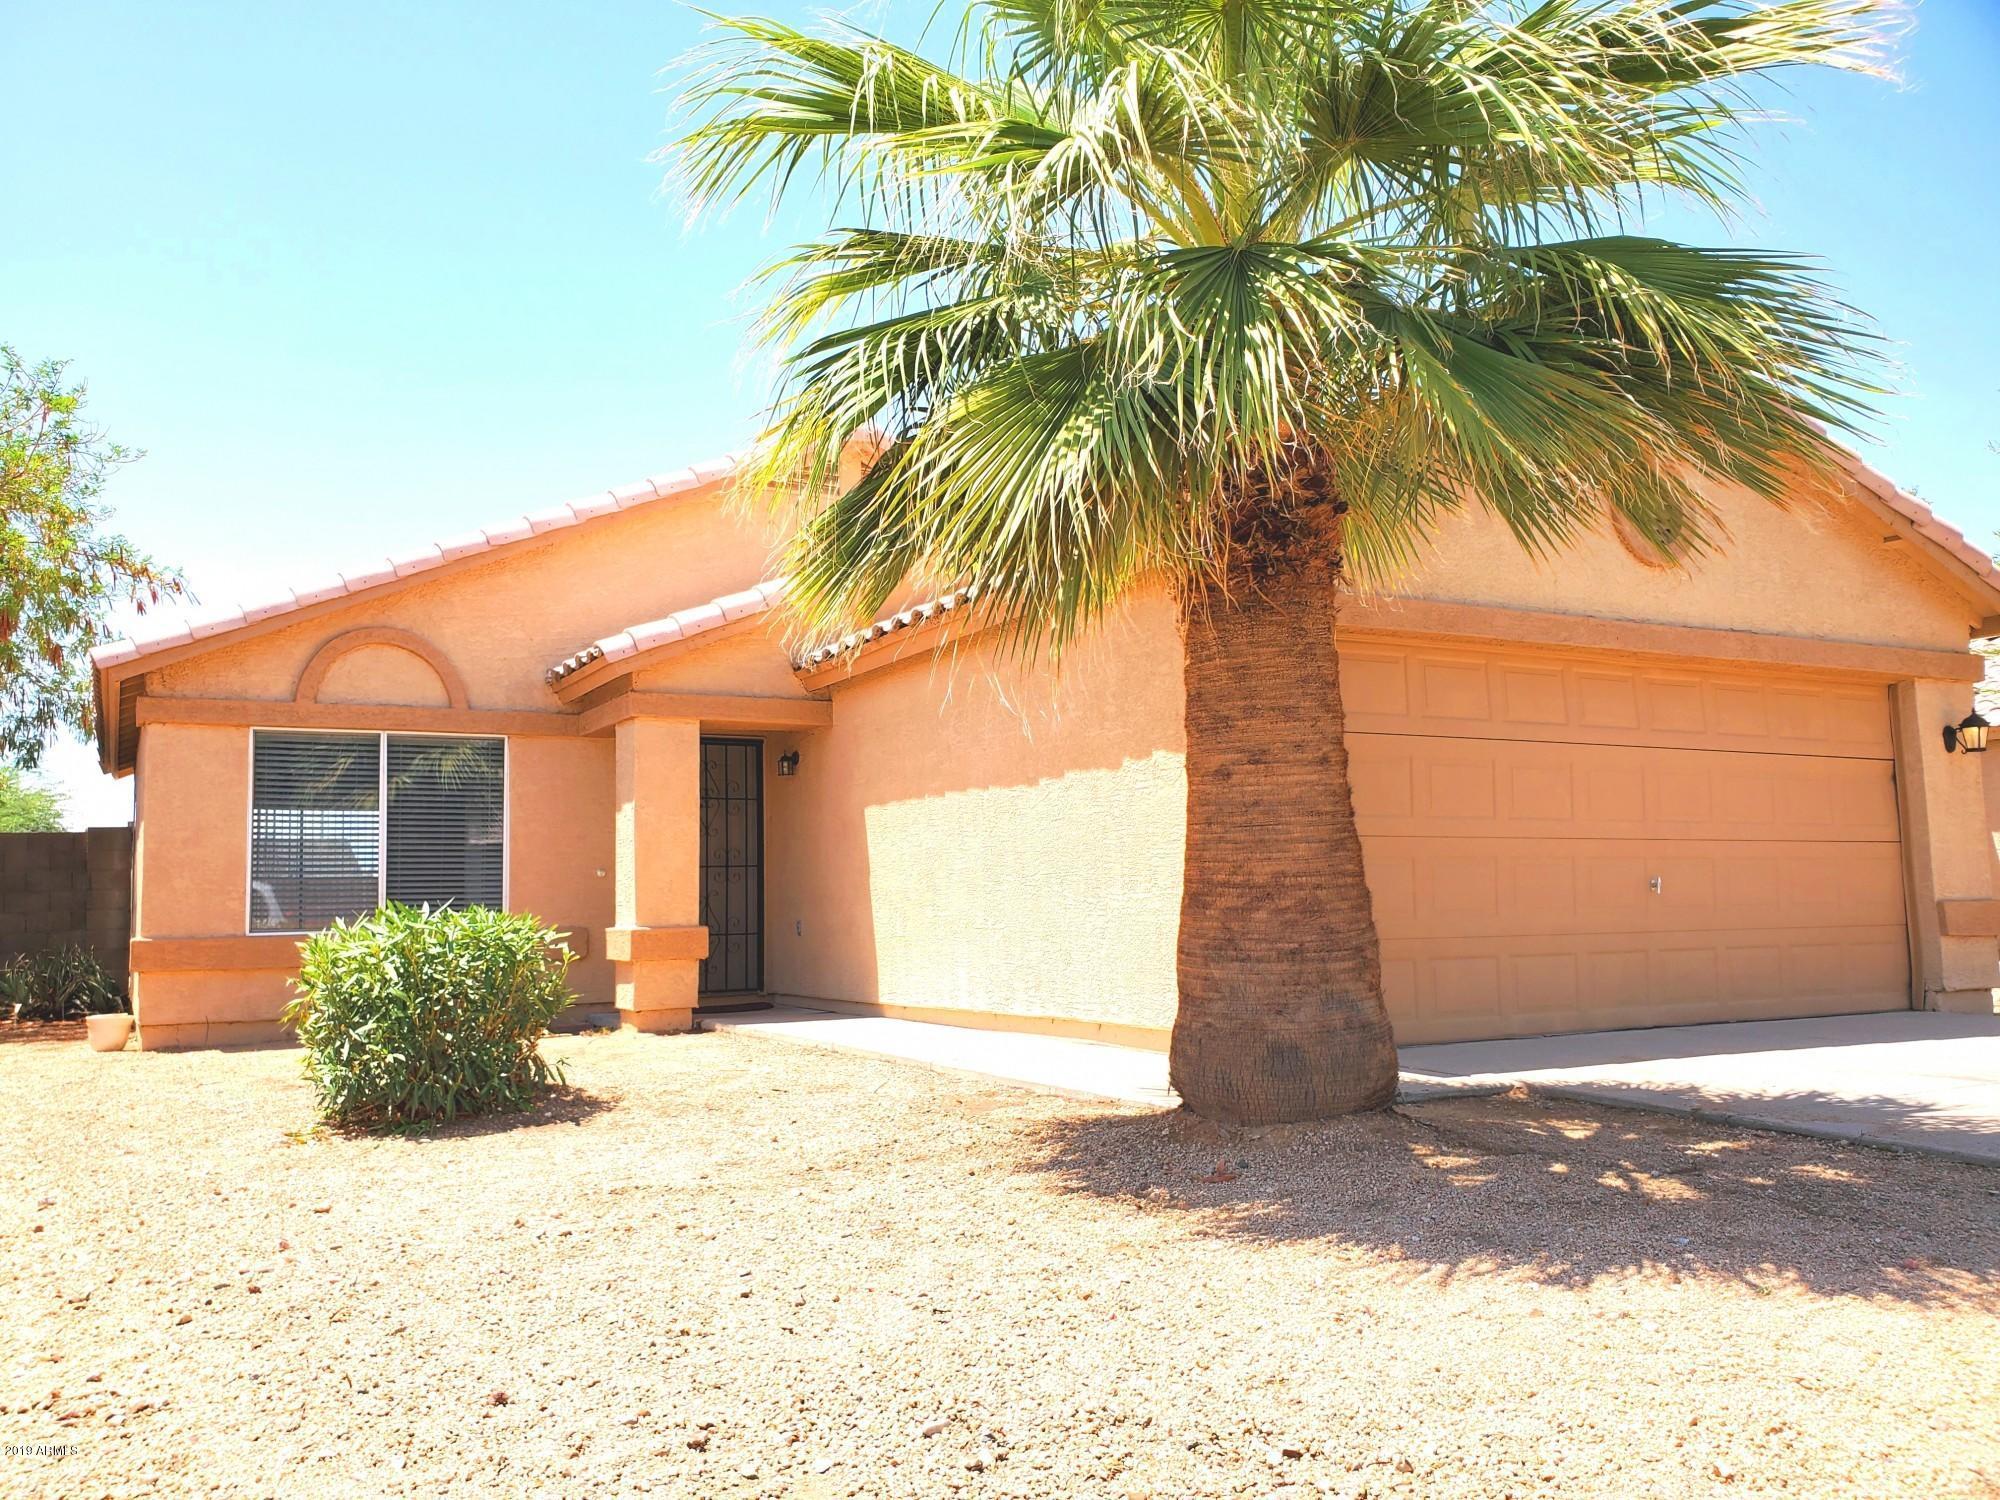 Photo for 4332 N 107th Lane, Phoenix, AZ 85037 (MLS # 5964831)